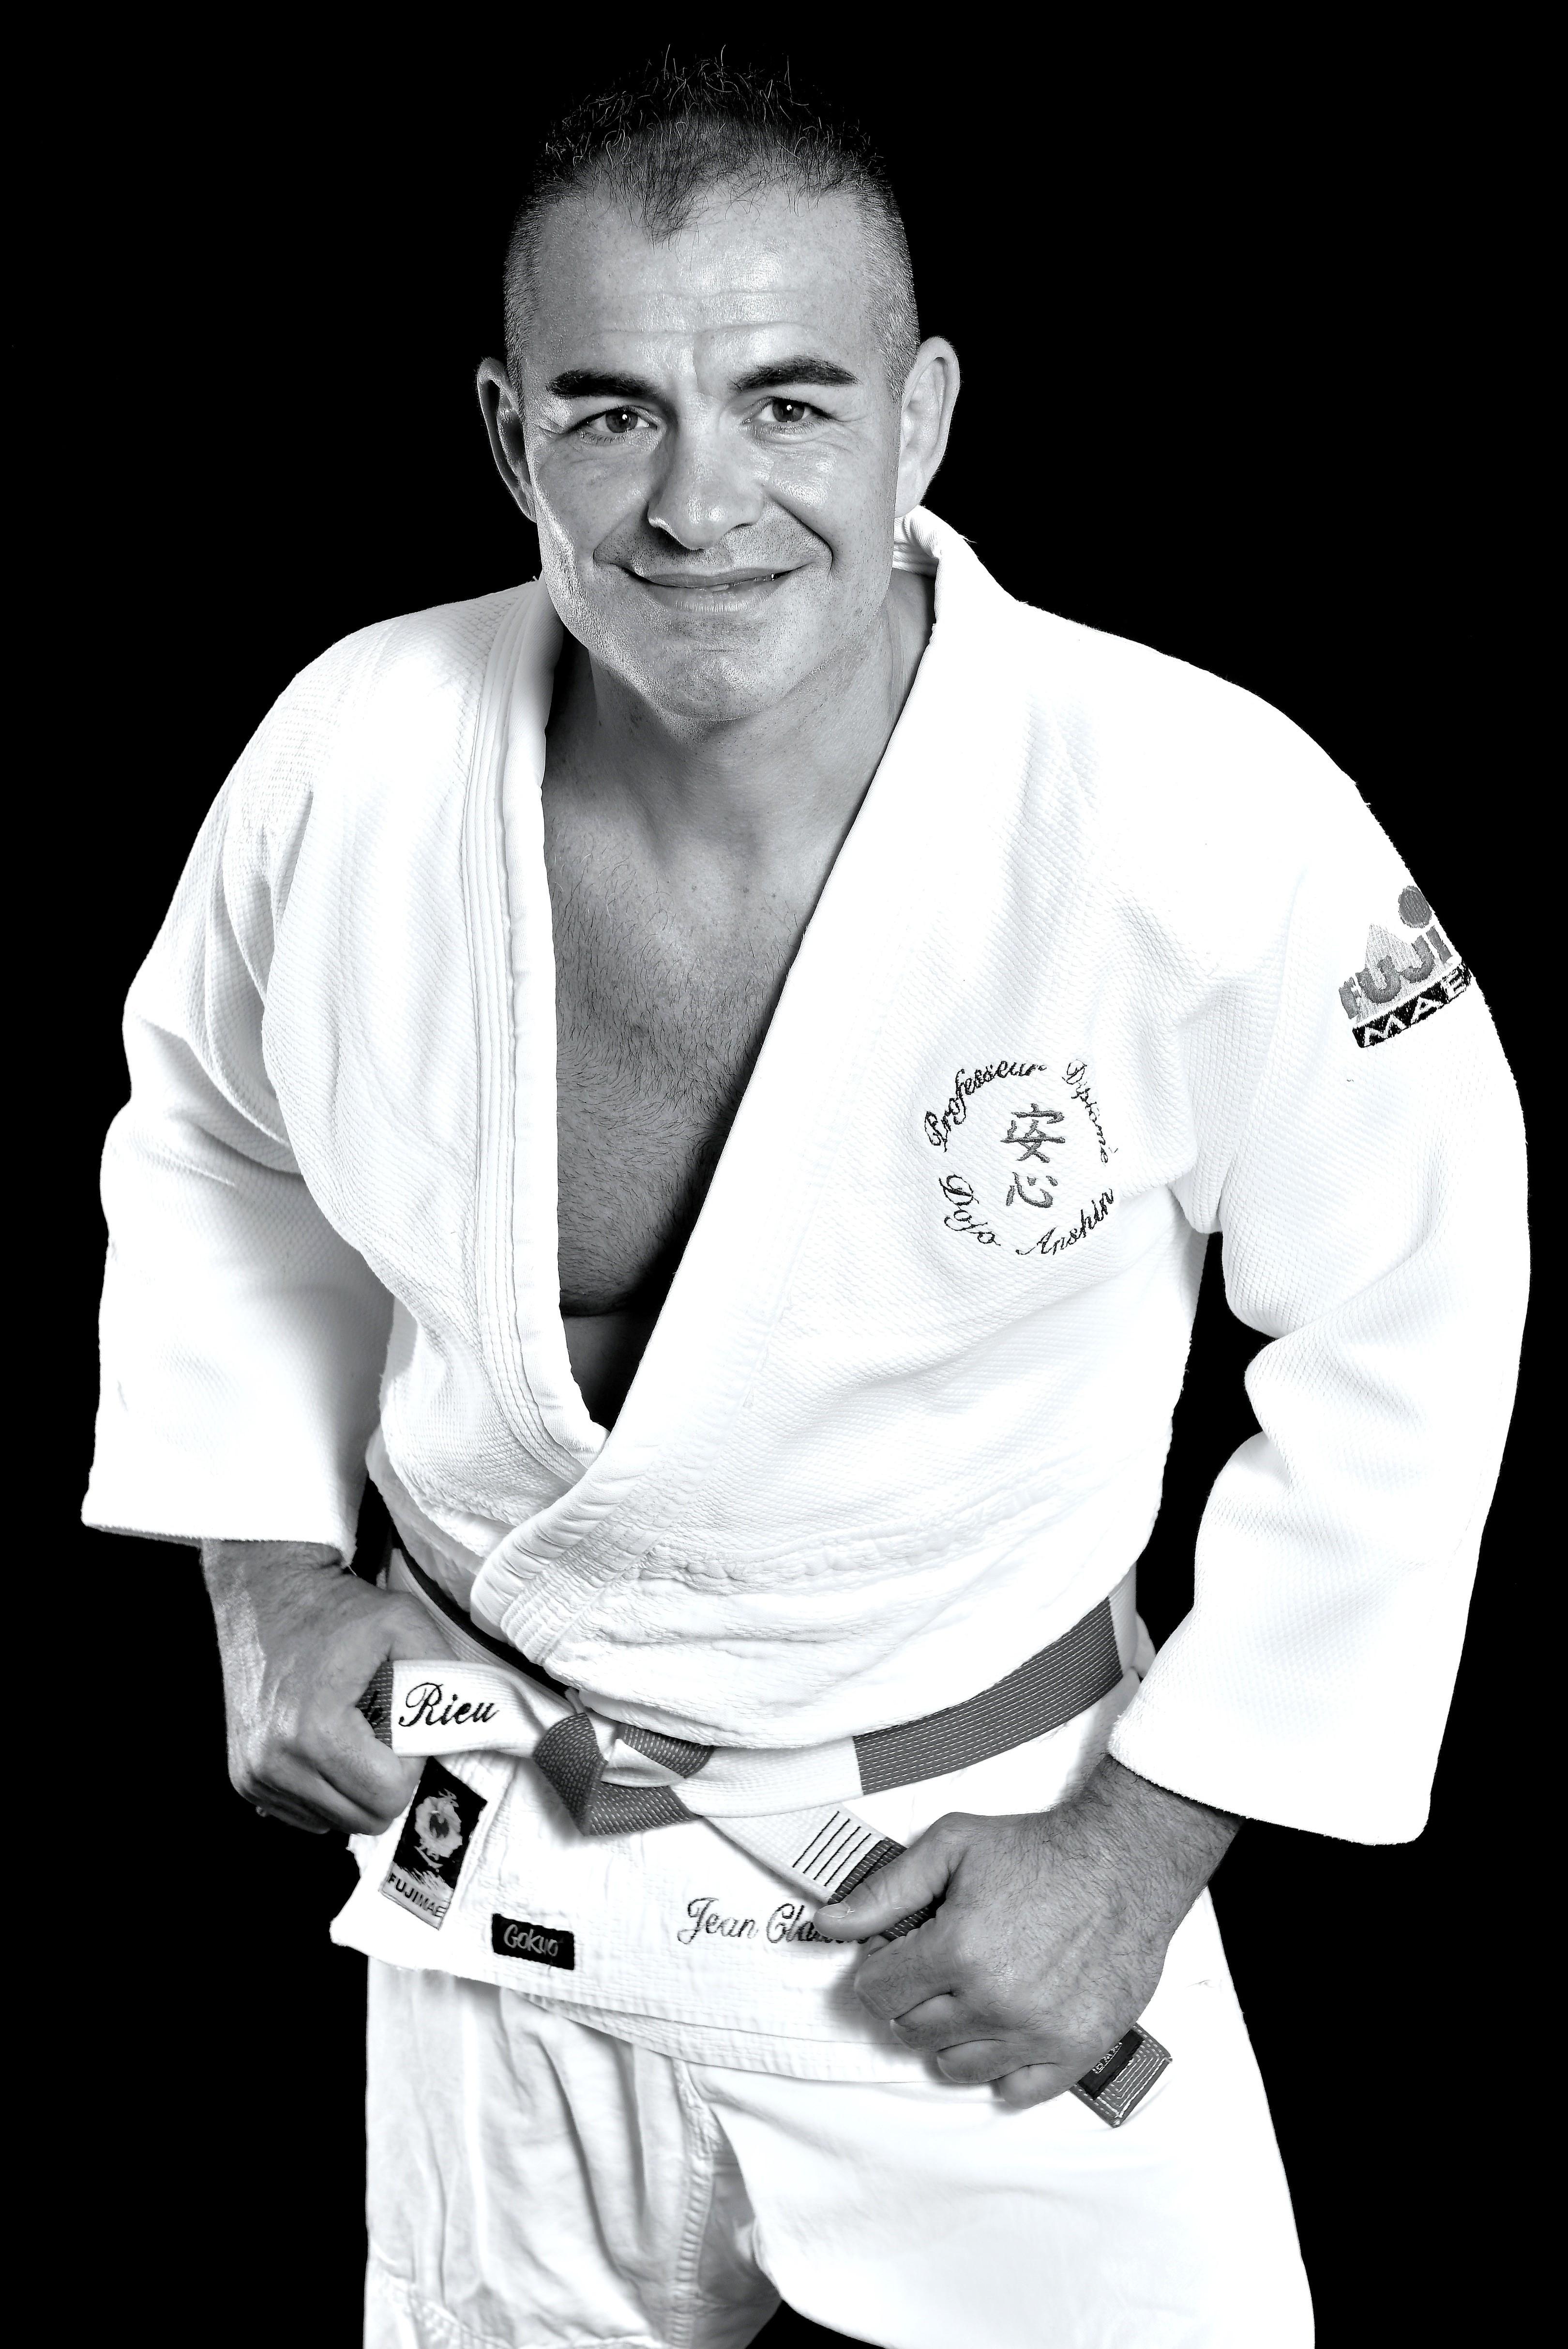 Jean Claude Rieu , 6eme Dan de Judo Jujitsu